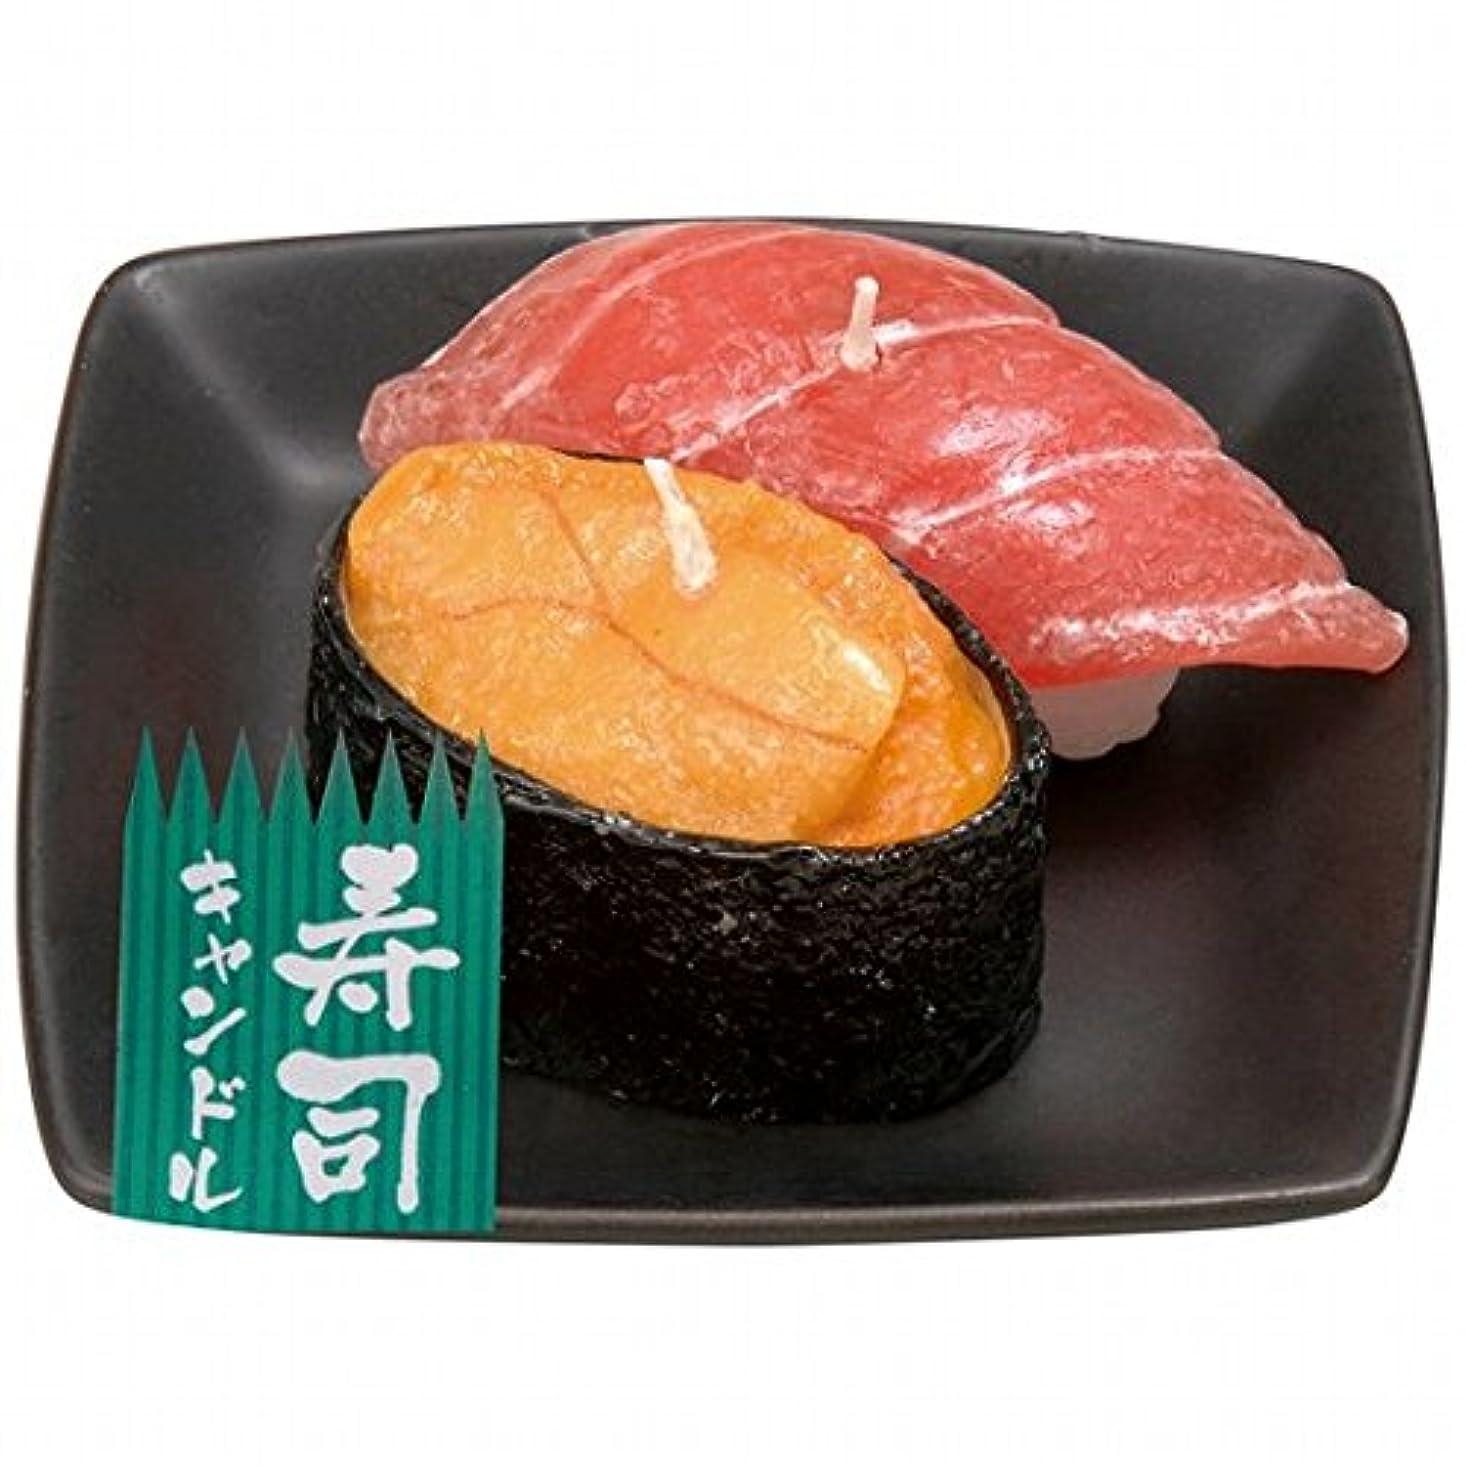 み悪性の粘土カメヤマキャンドル(kameyama candle) 寿司キャンドルC(ウニ?大トロ)